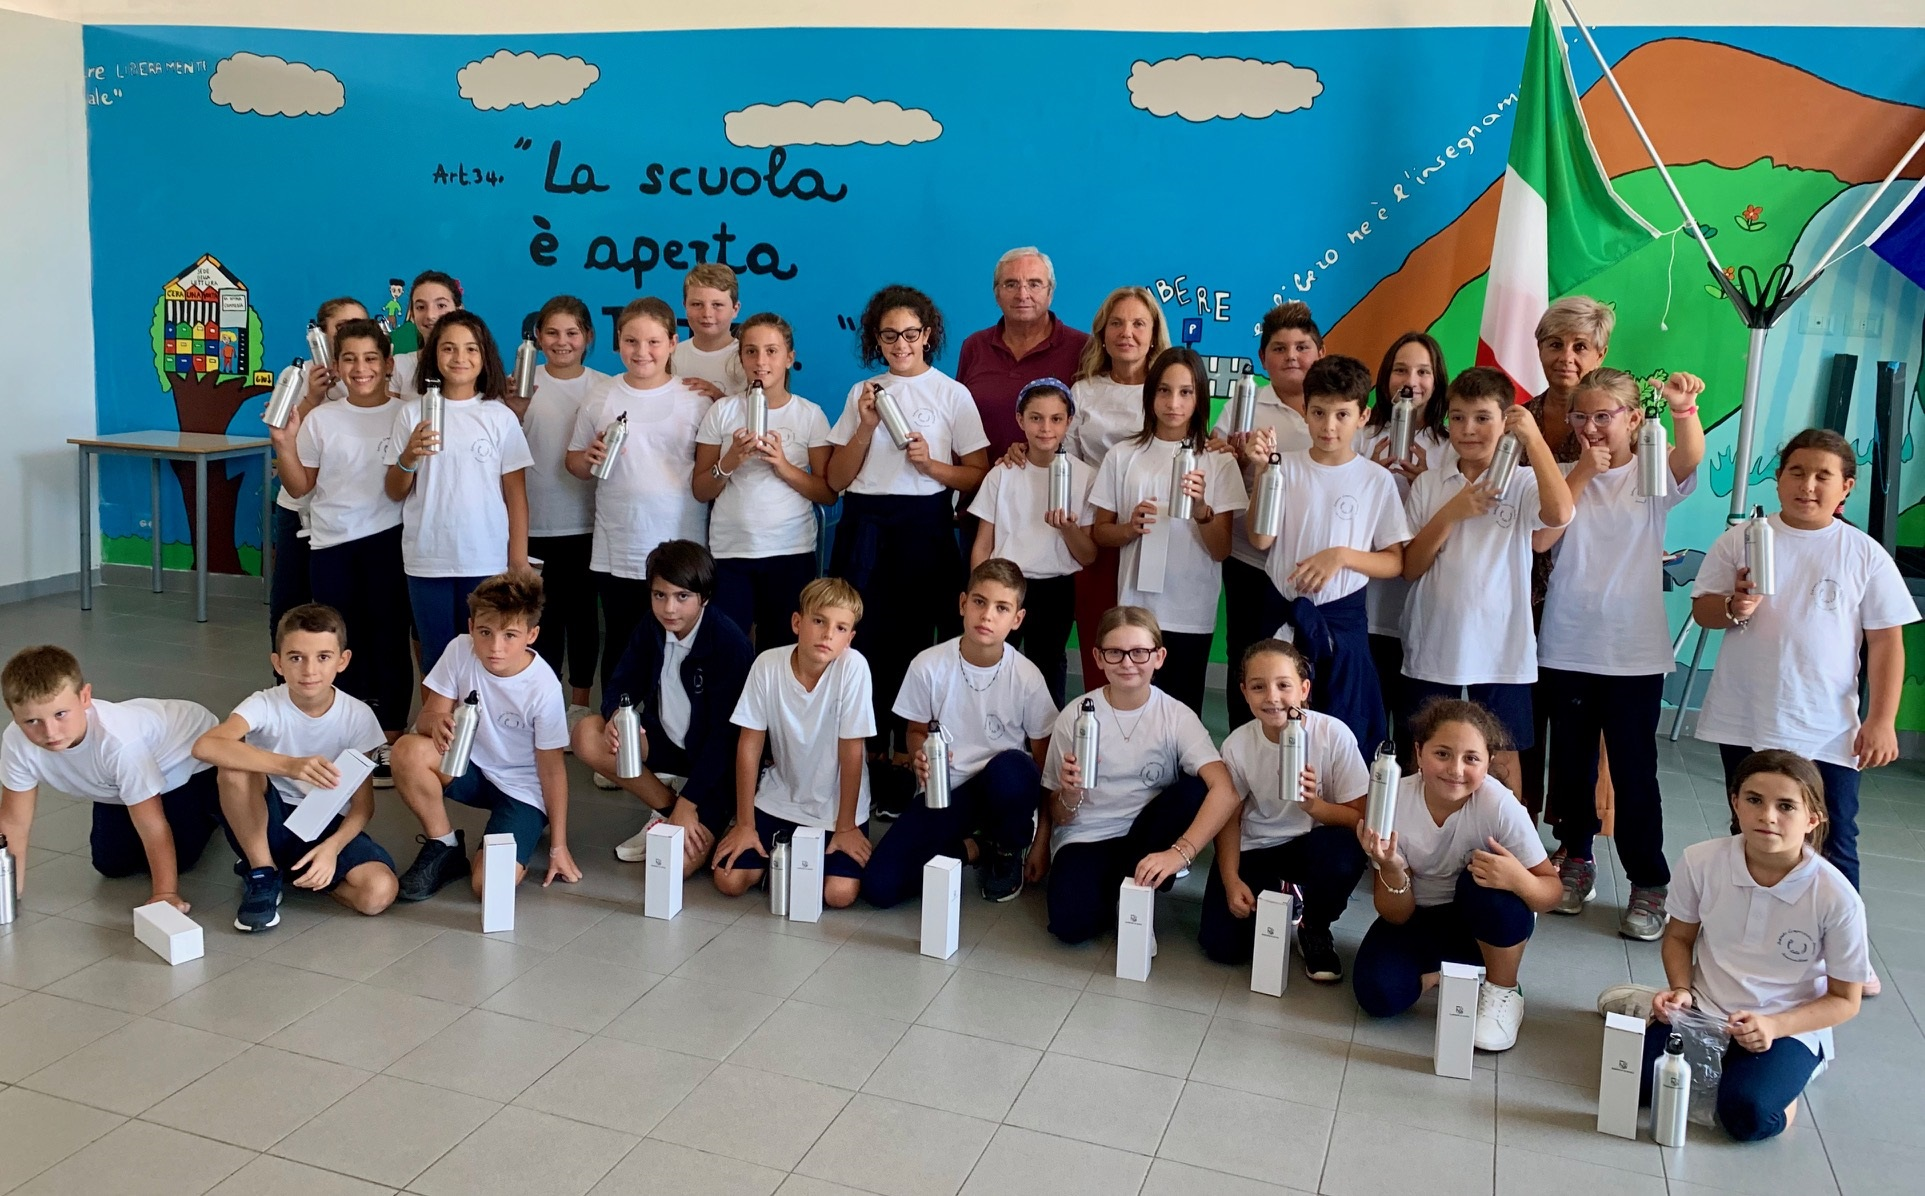 L'OMAGGIO PLASTIC FREE DELLA FONDAZIONE CAETANI